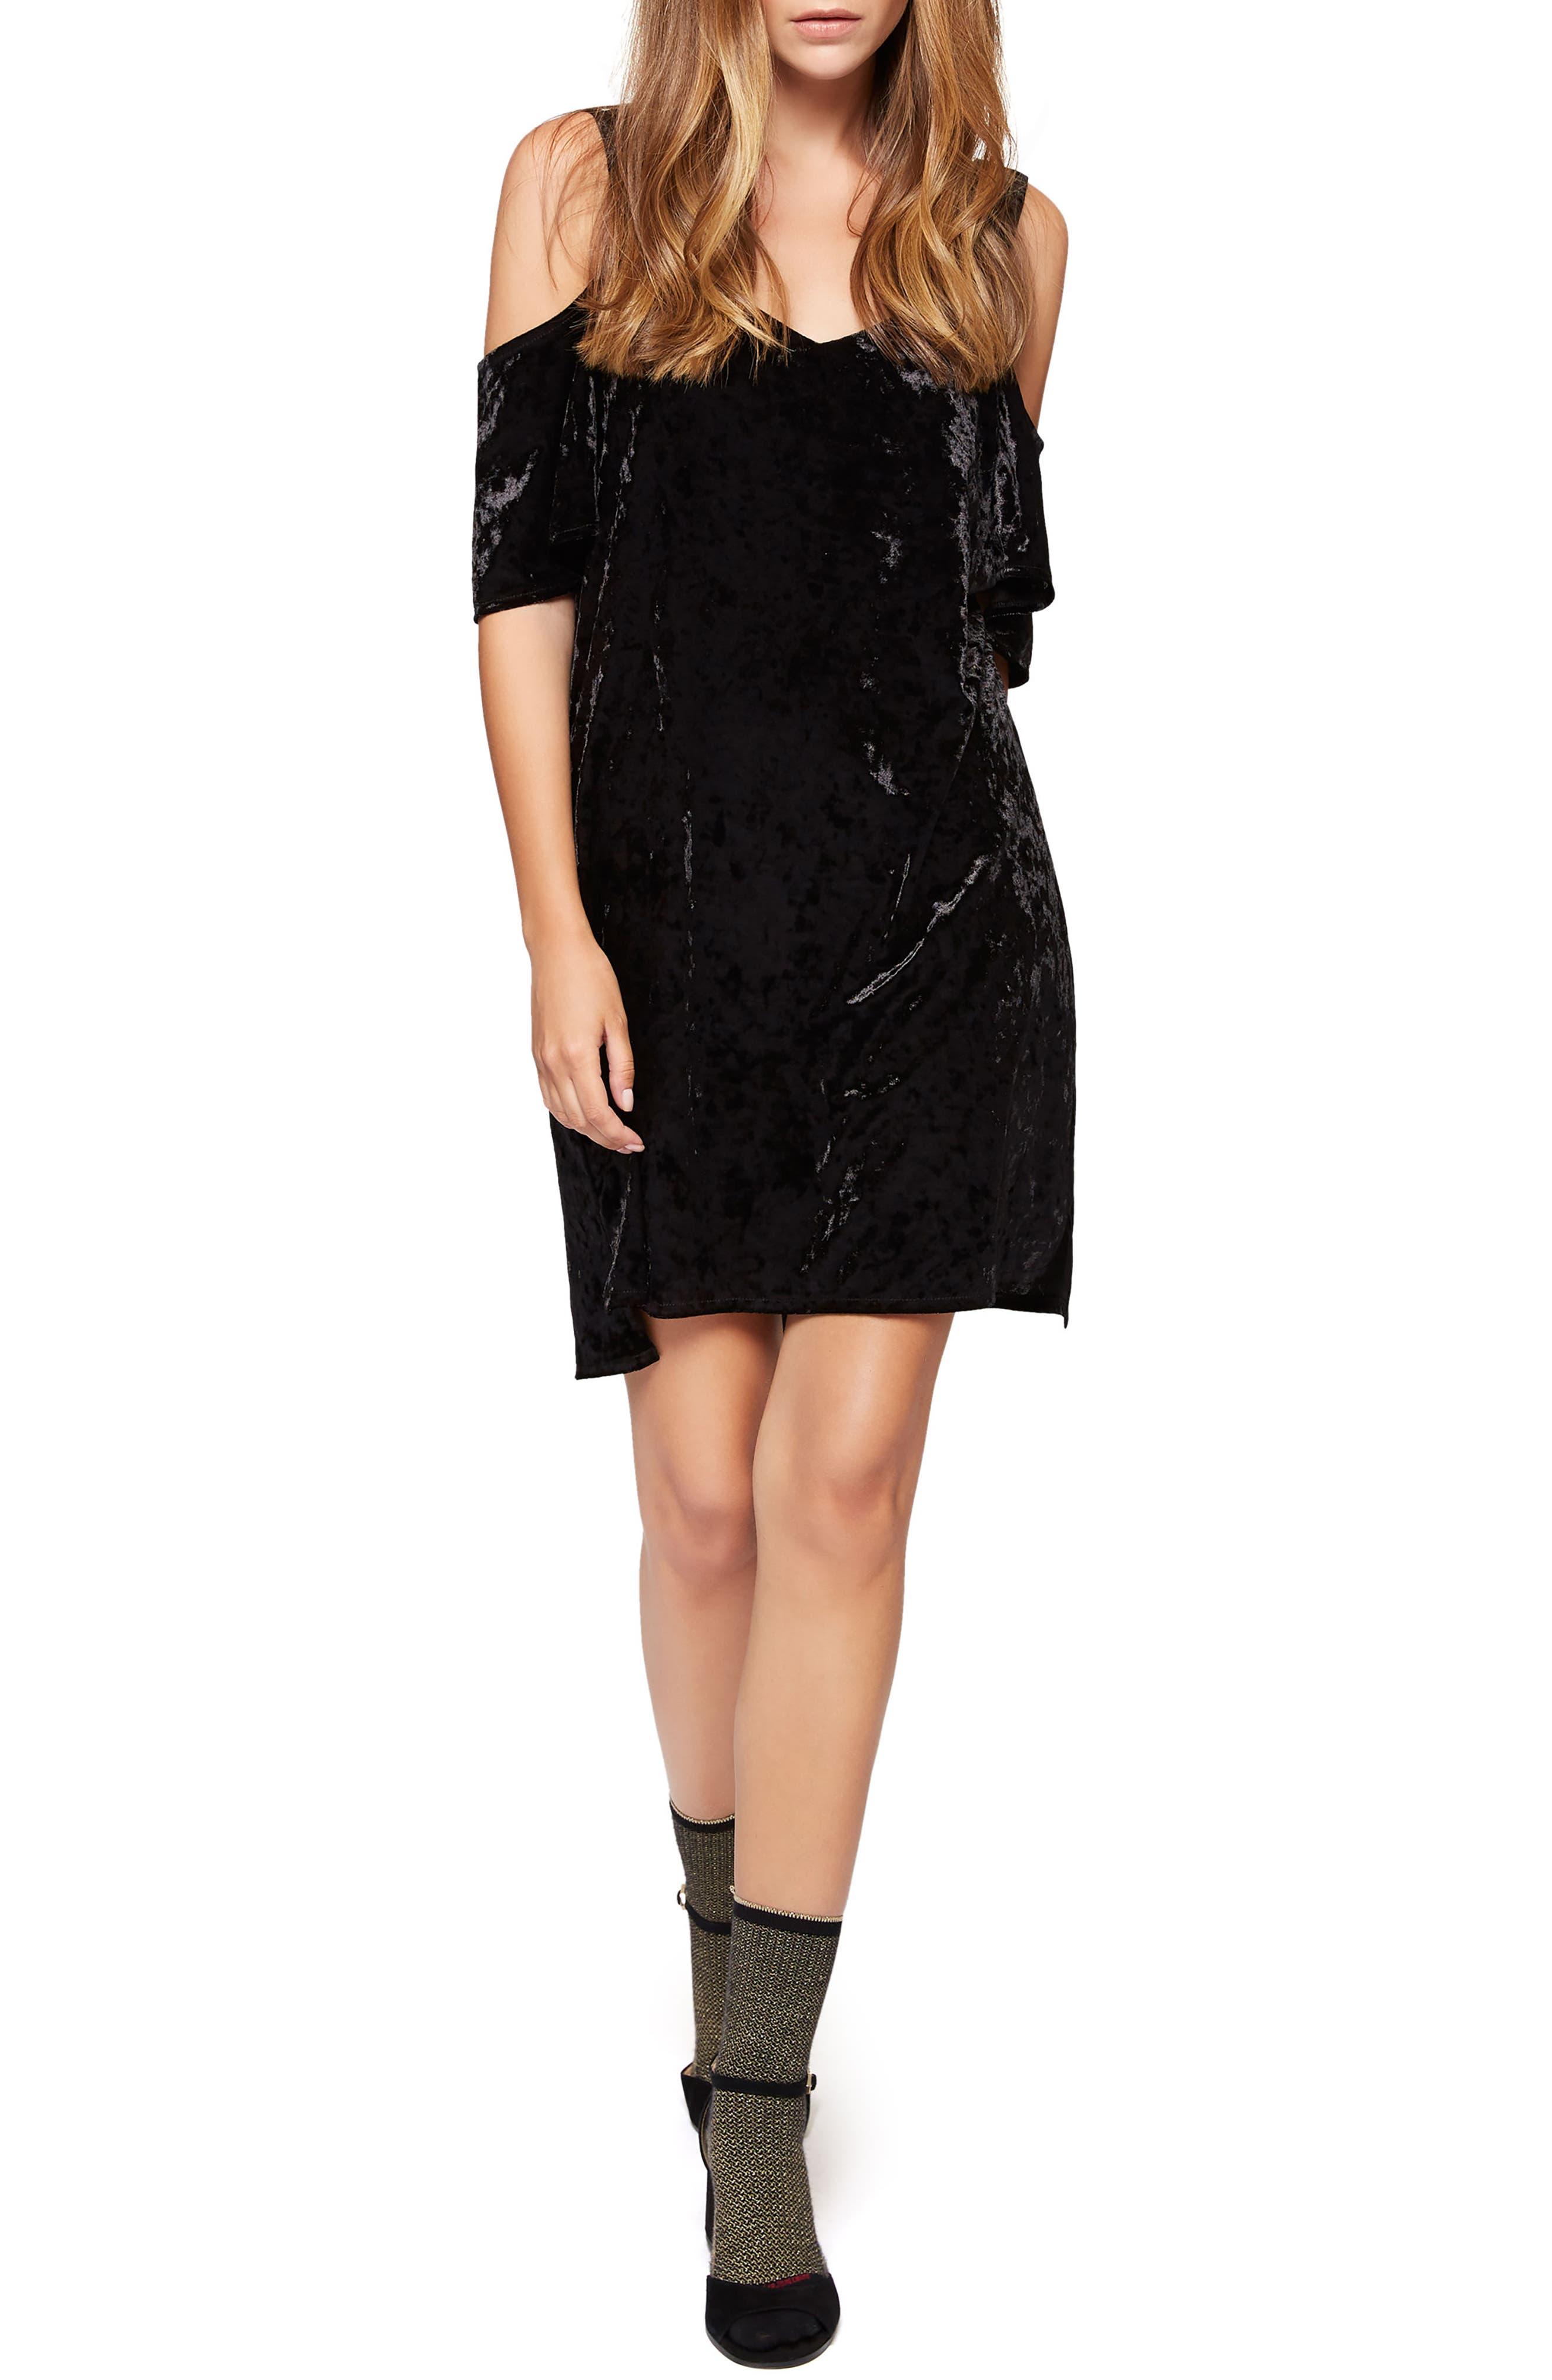 Alternate Image 1 Selected - Sanctuary Drea Off the Shoulder Crushed Velvet Dress